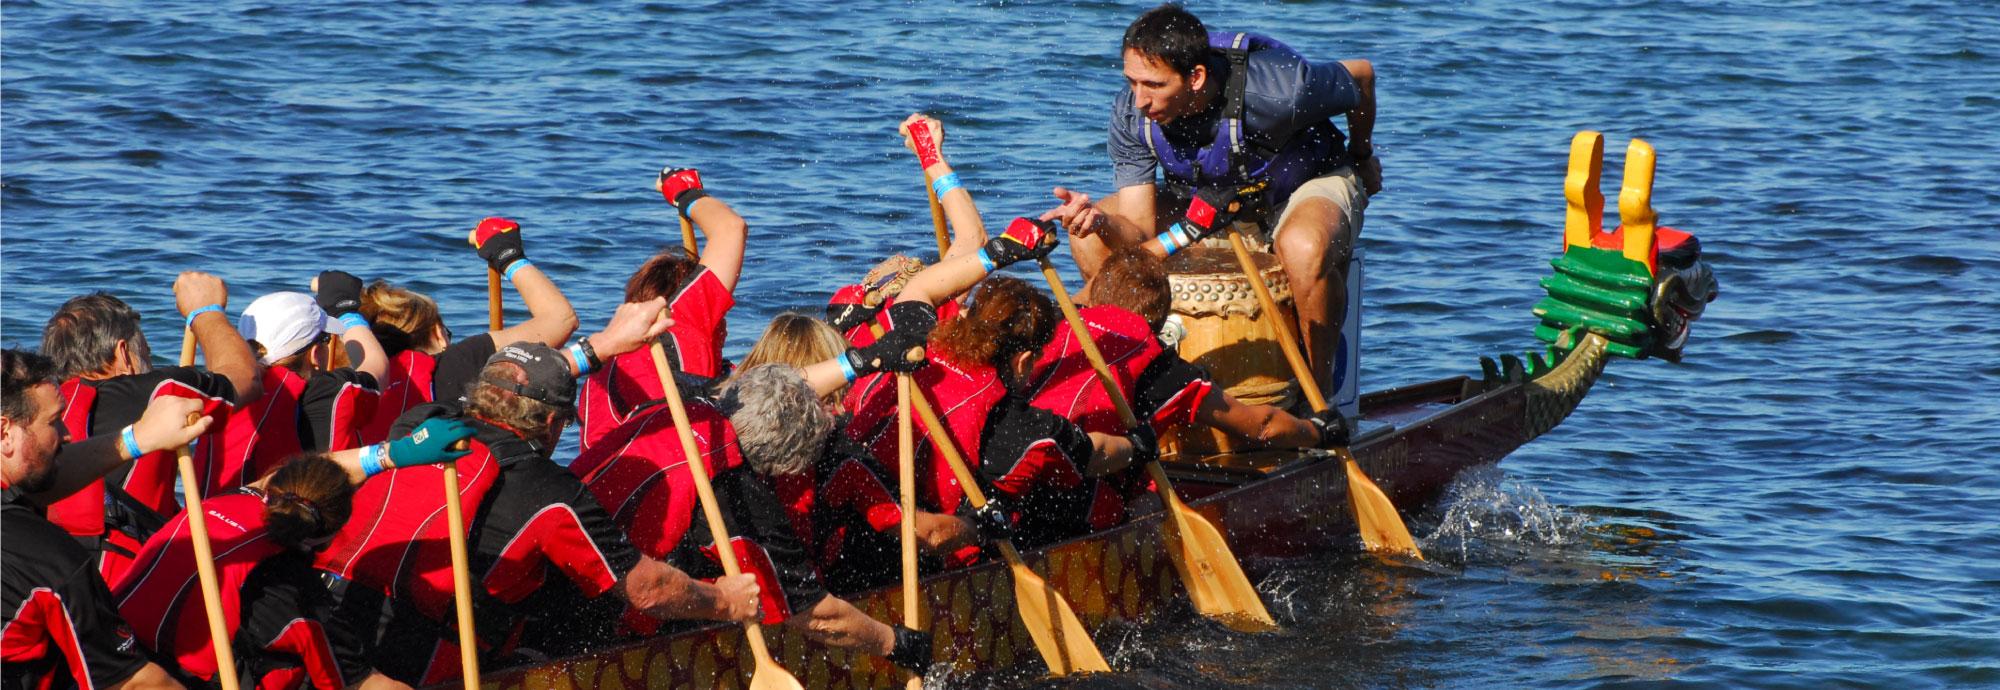 Miami Dragon Boat Festival April 2020 Team SOS Miami